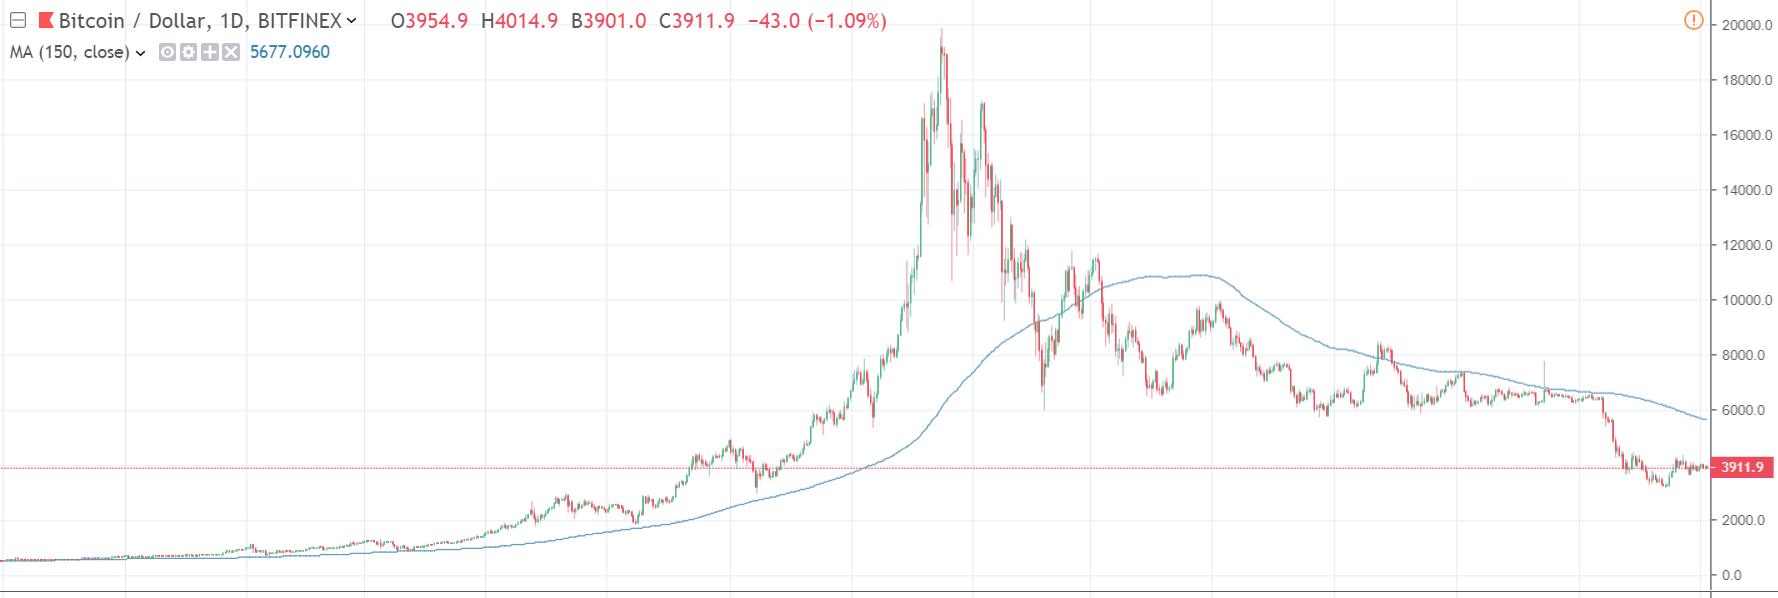 Prochaine crise financière - Les cryptomonnaies